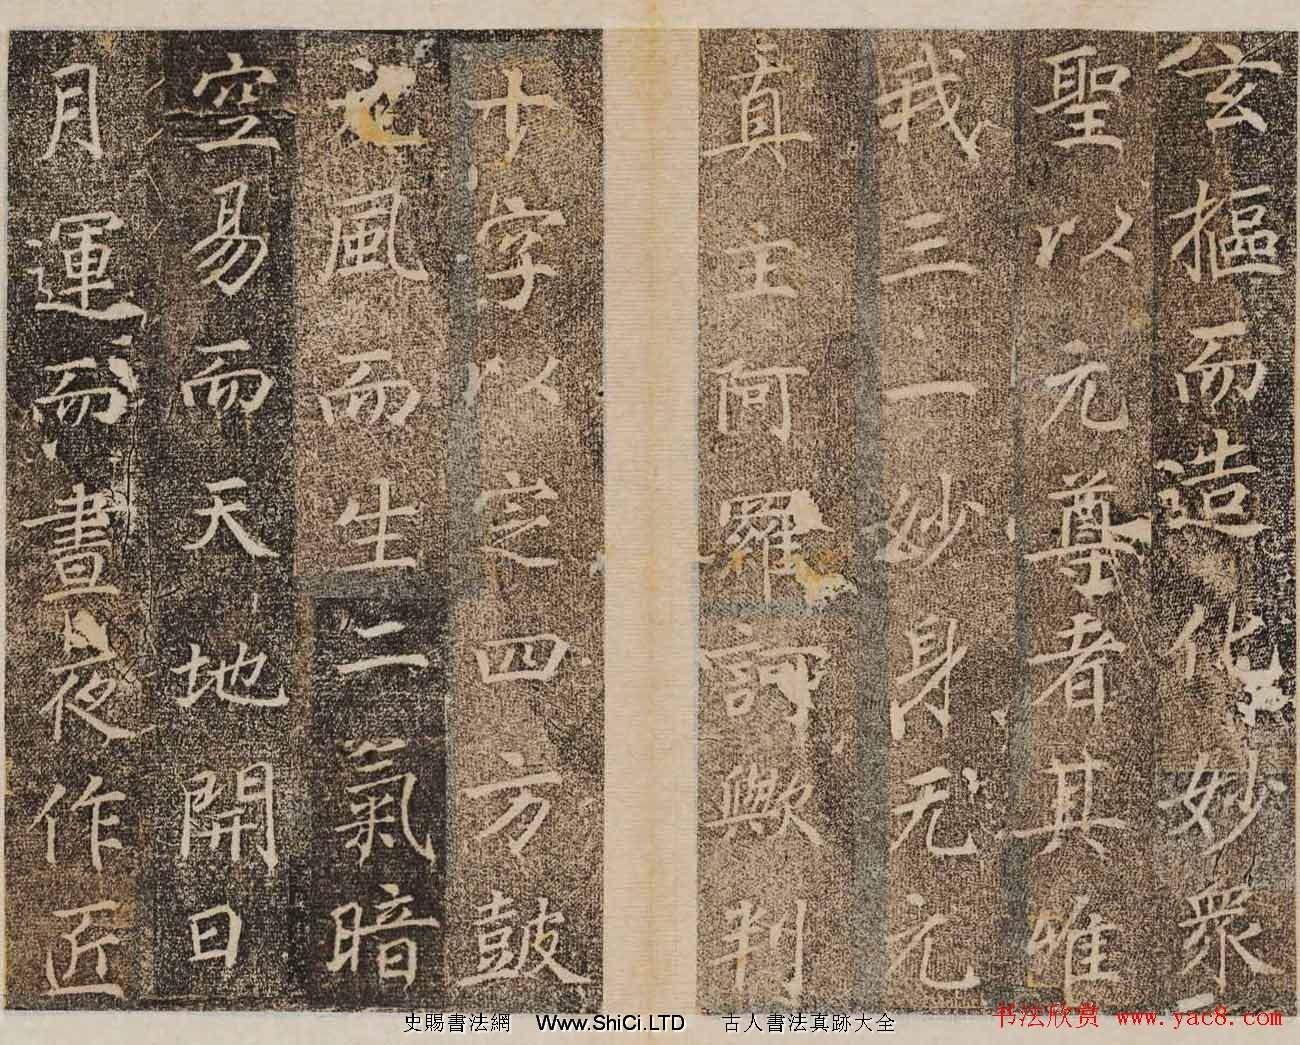 唐楷碑刻欣賞《大秦景教流行中國碑》